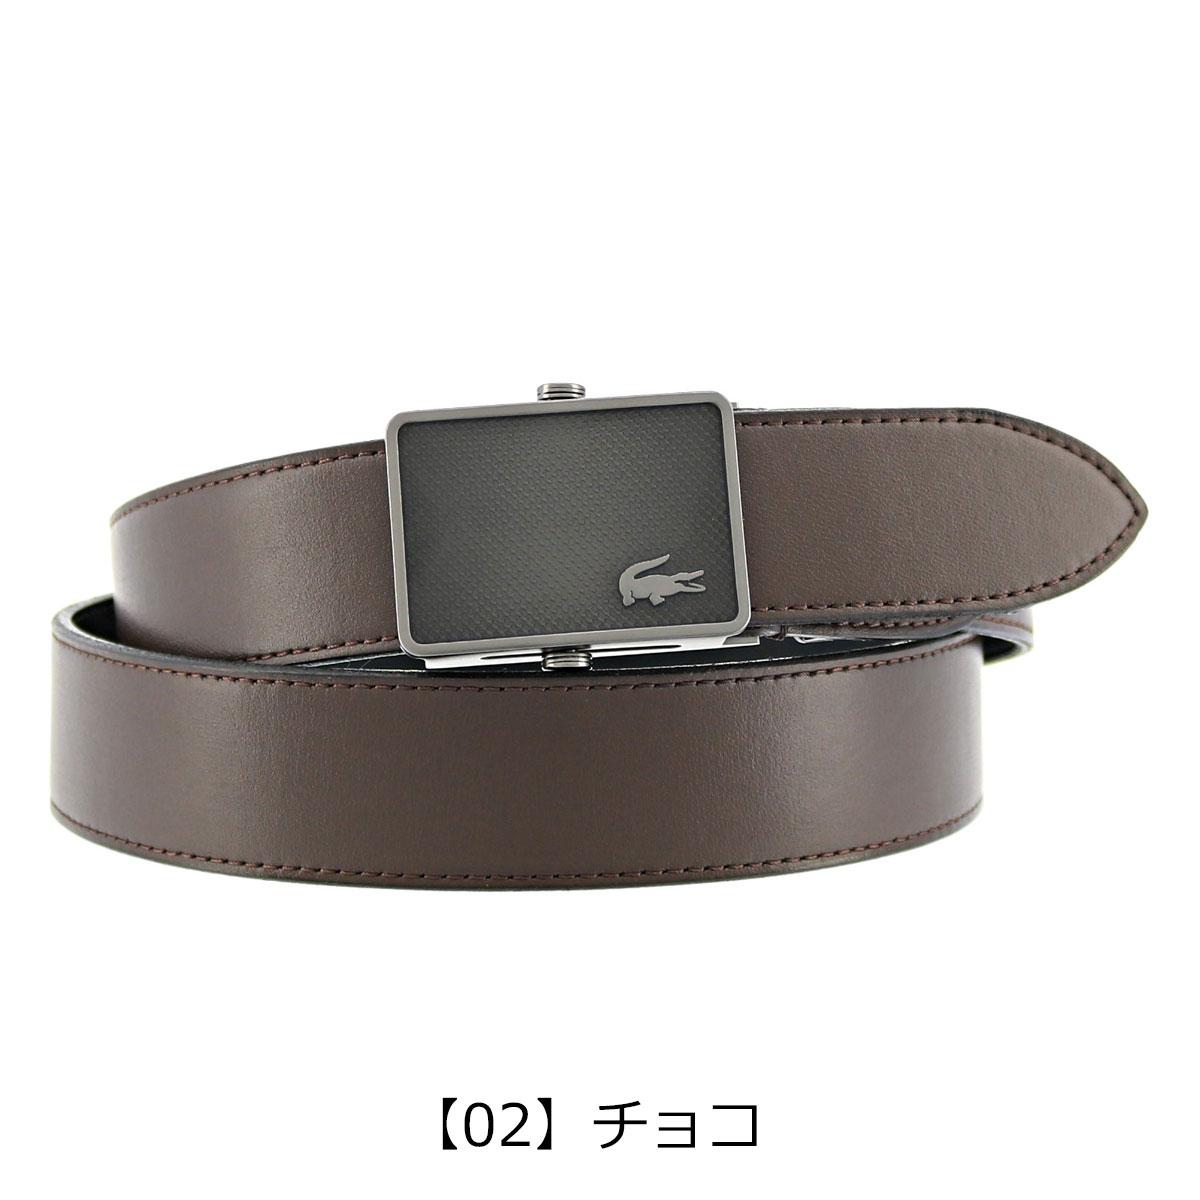 【02】チョコ